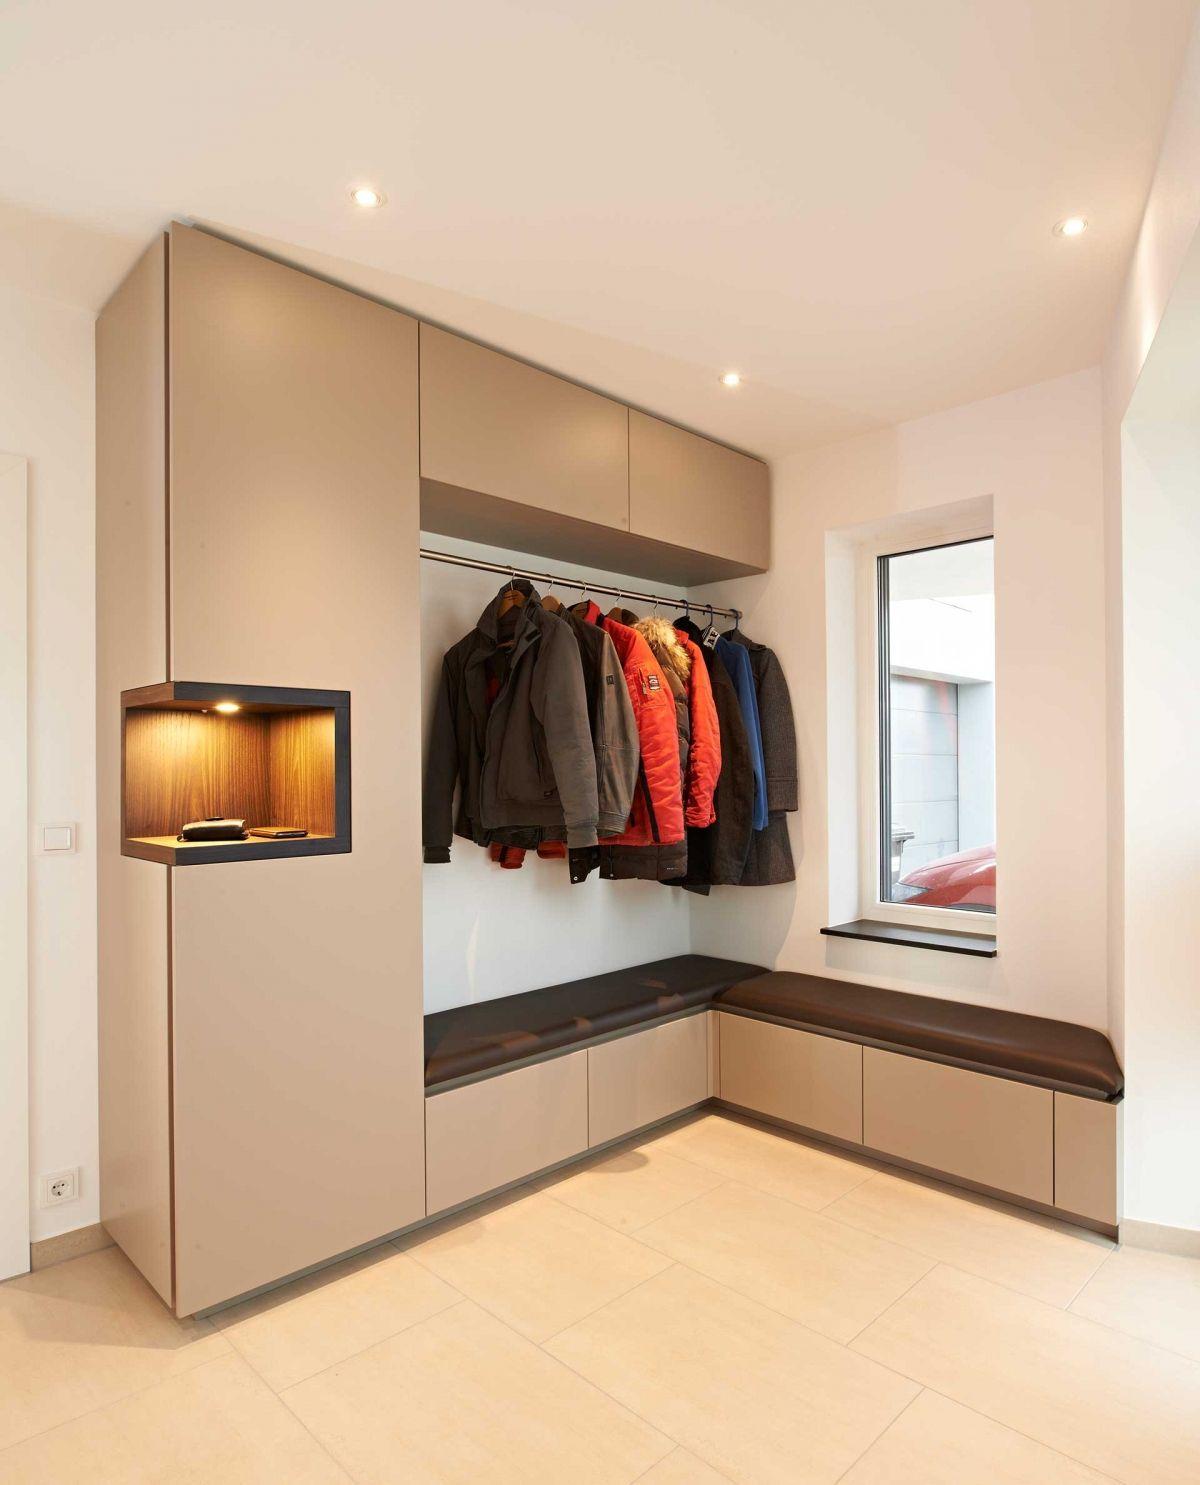 Flur 1 Einzimmerwohnung Einbauschrank Flur Design